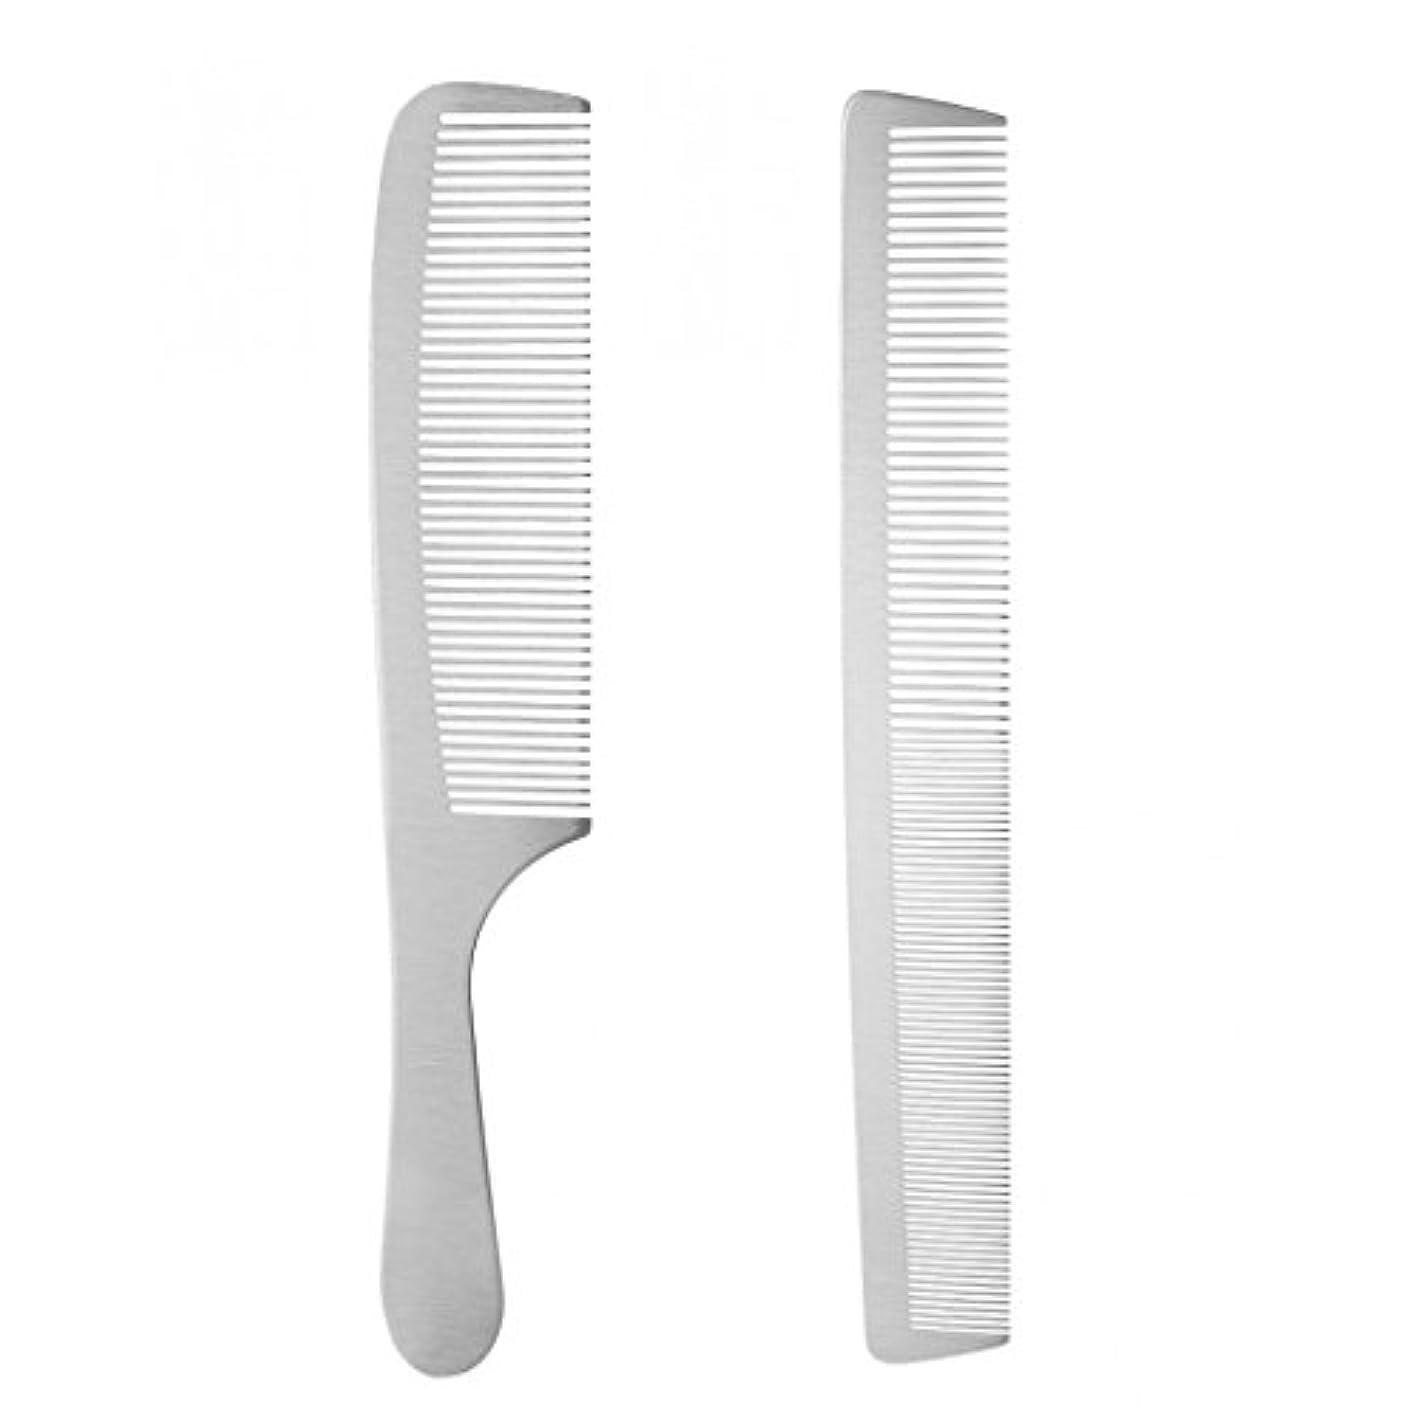 ラップトップ不良今までCUTICATE 2倍美容院ヘアカットツールヘアスタイリングブラシヘアスタイリングくし理容ツール